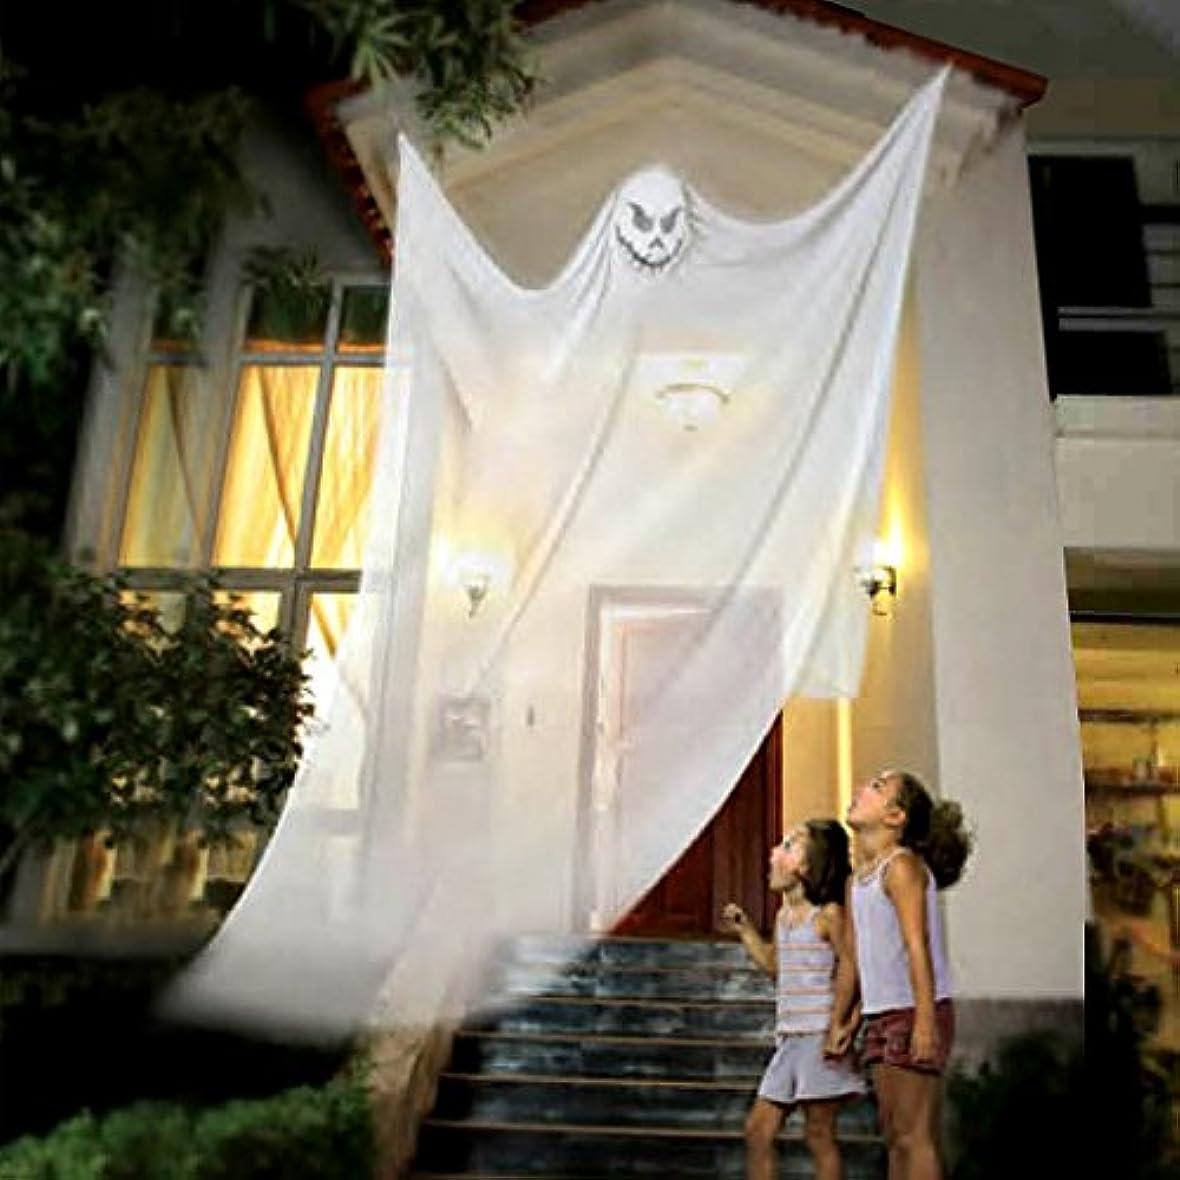 ステレオタイプ大学ドアハロウィーンフェスティバルぶら下げ幽霊装飾ホラー小道具バーお化け屋敷室内装飾